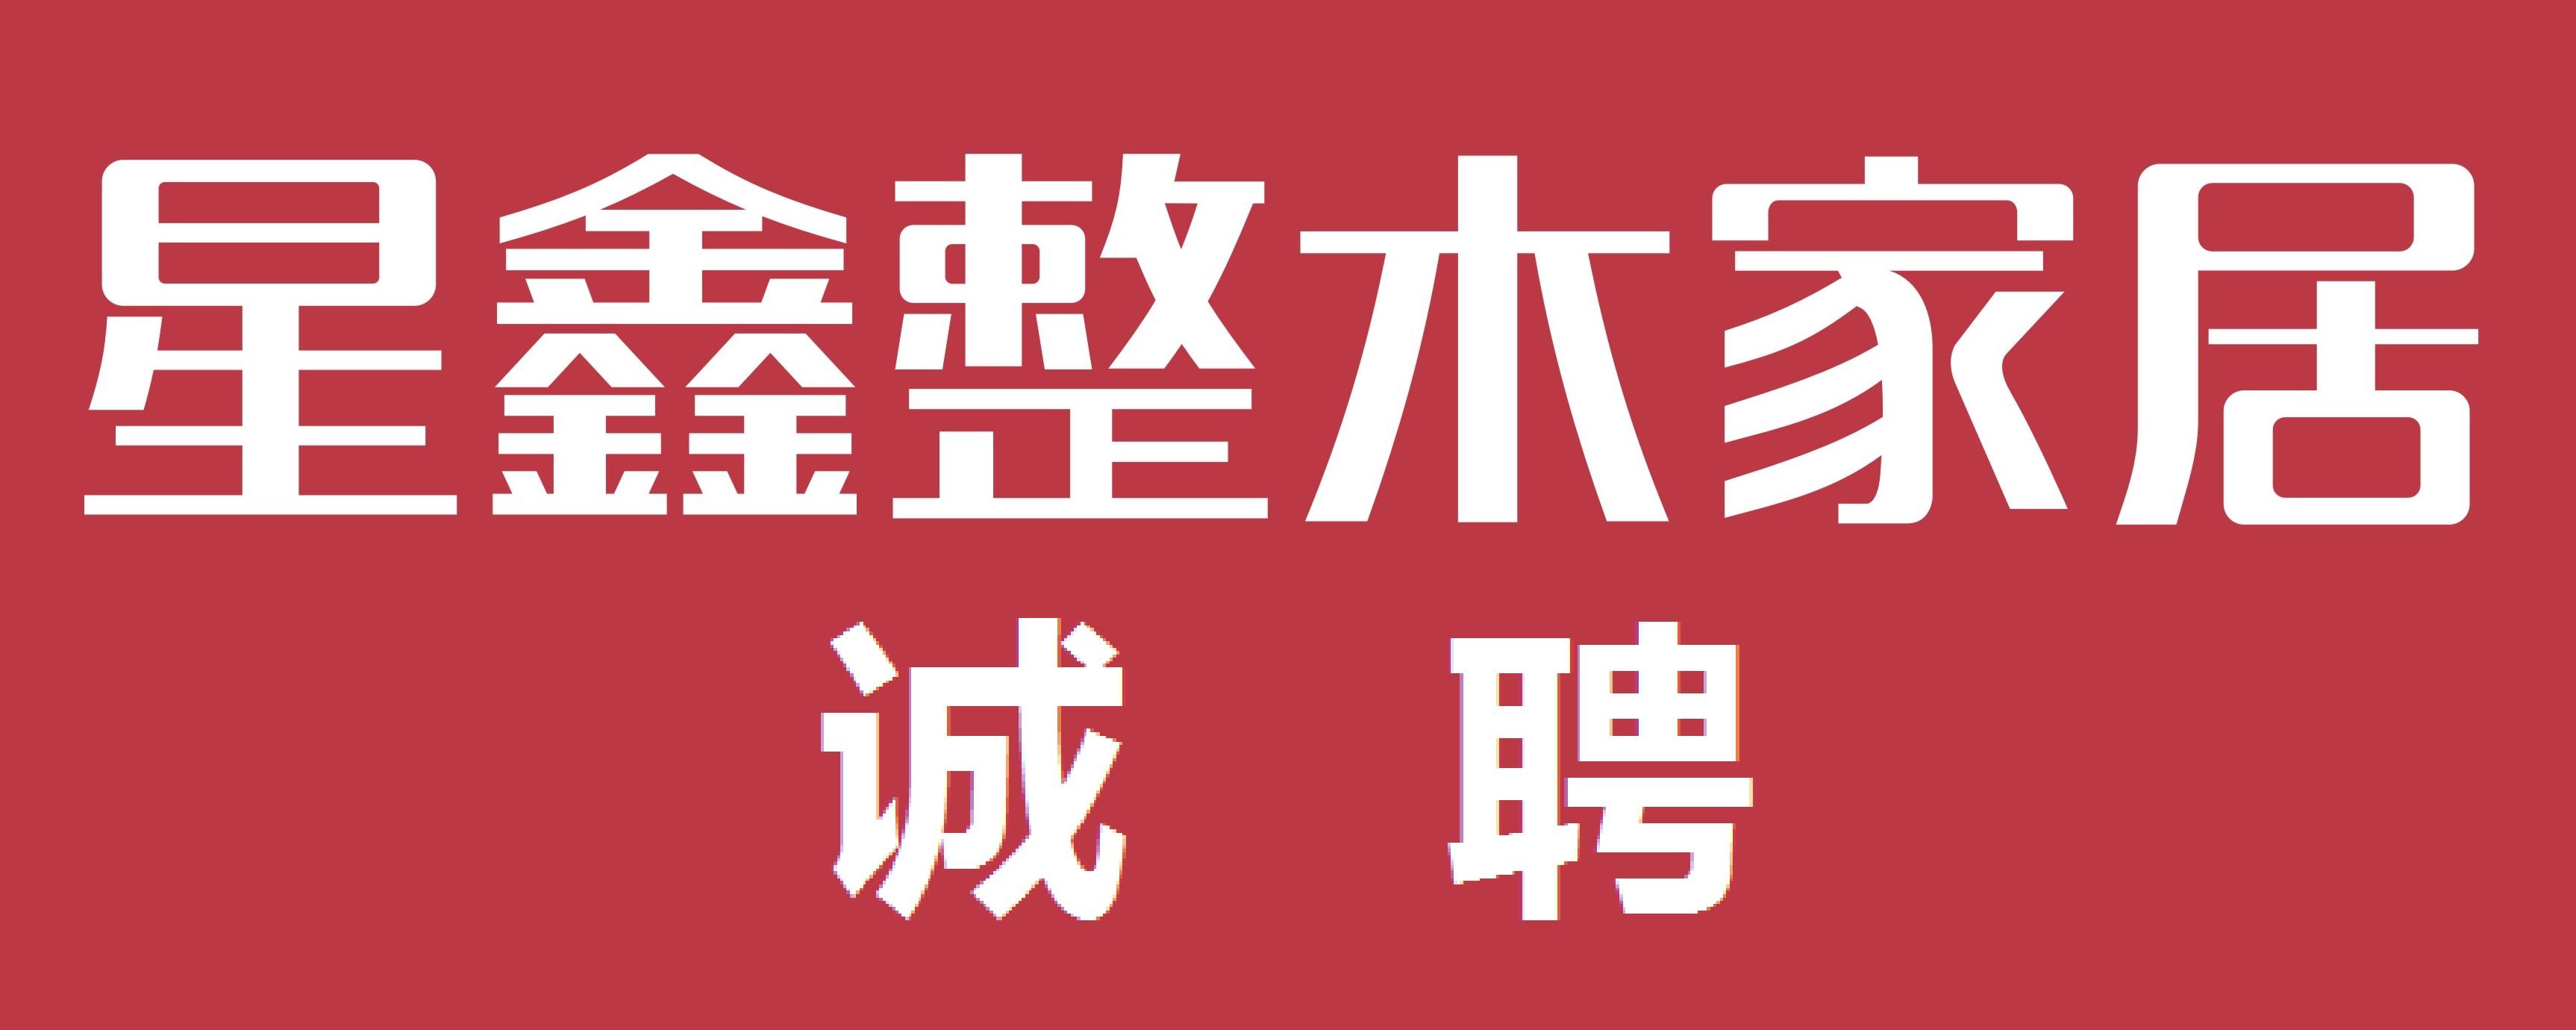 浙江星鑫家居有限公司